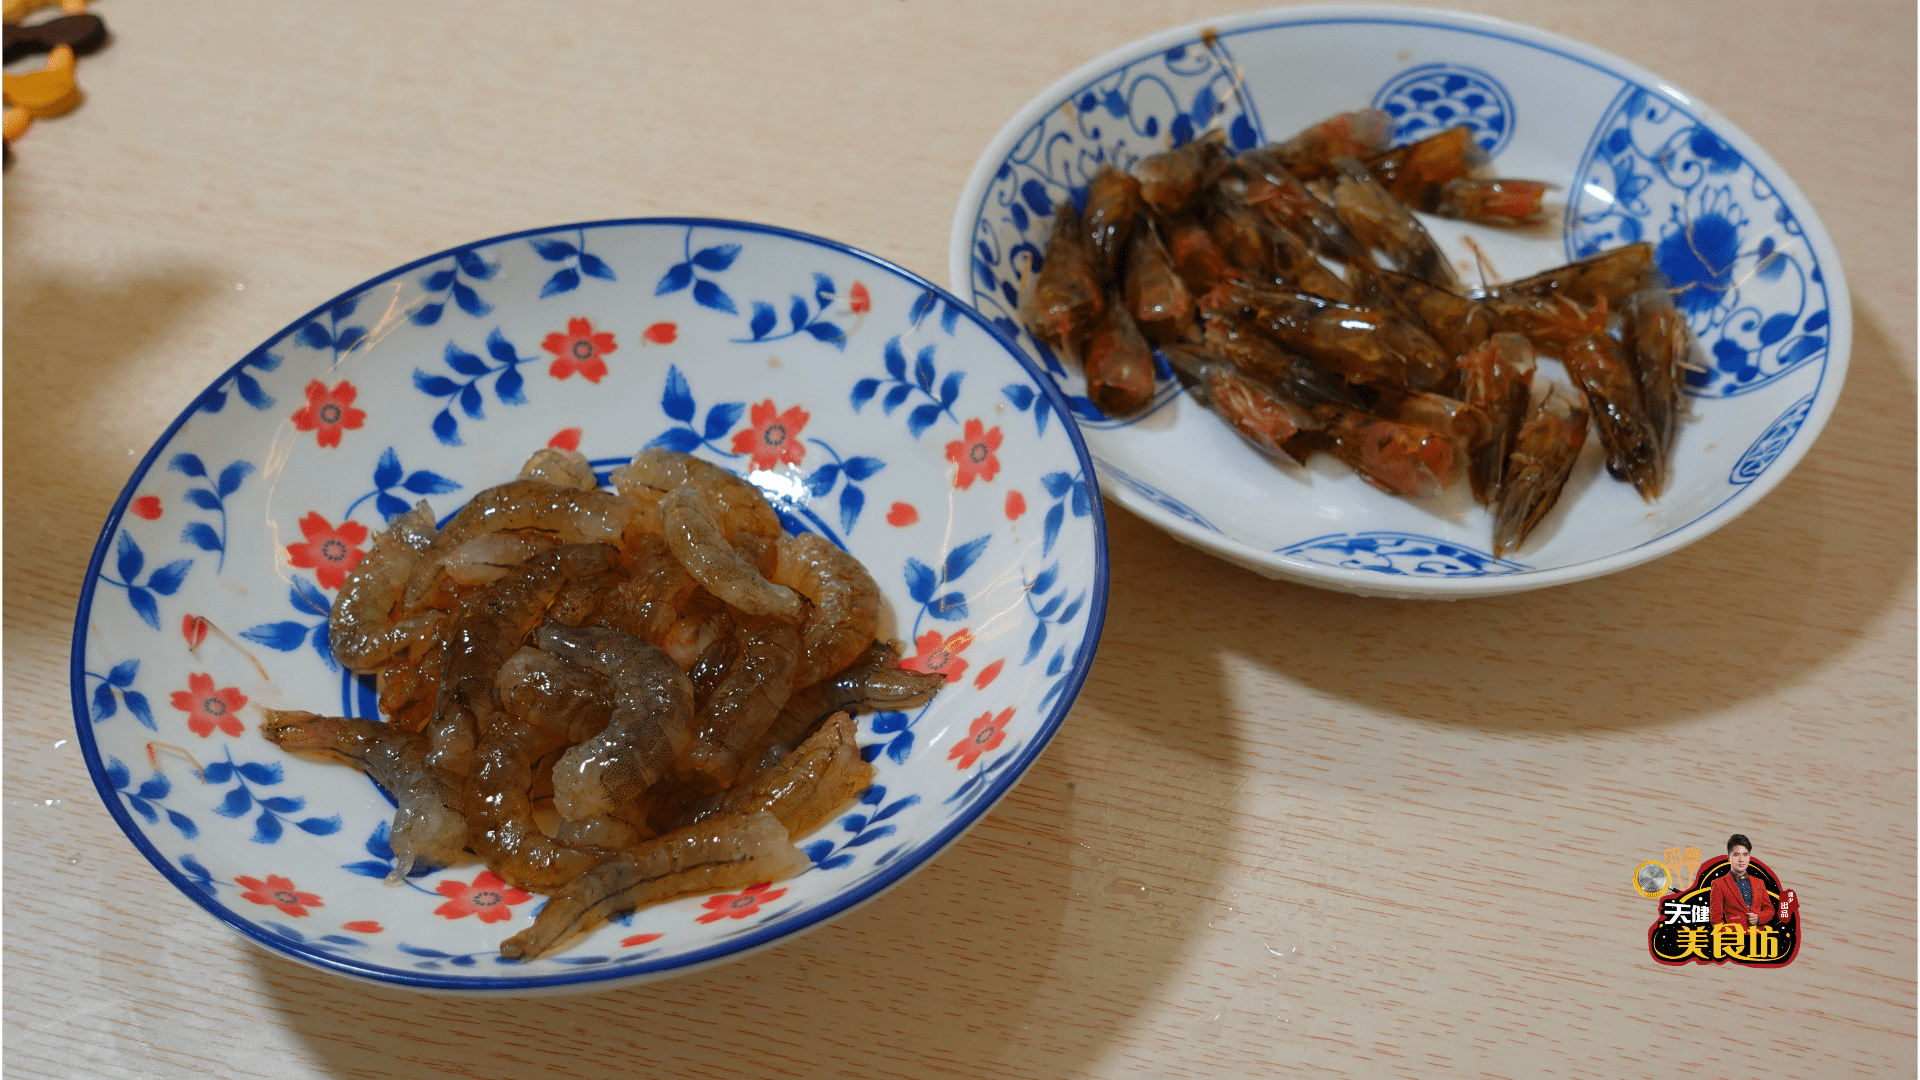 大蝦的新吃法,不煎不炒不白灼,鮮香美味,上桌就掃光!